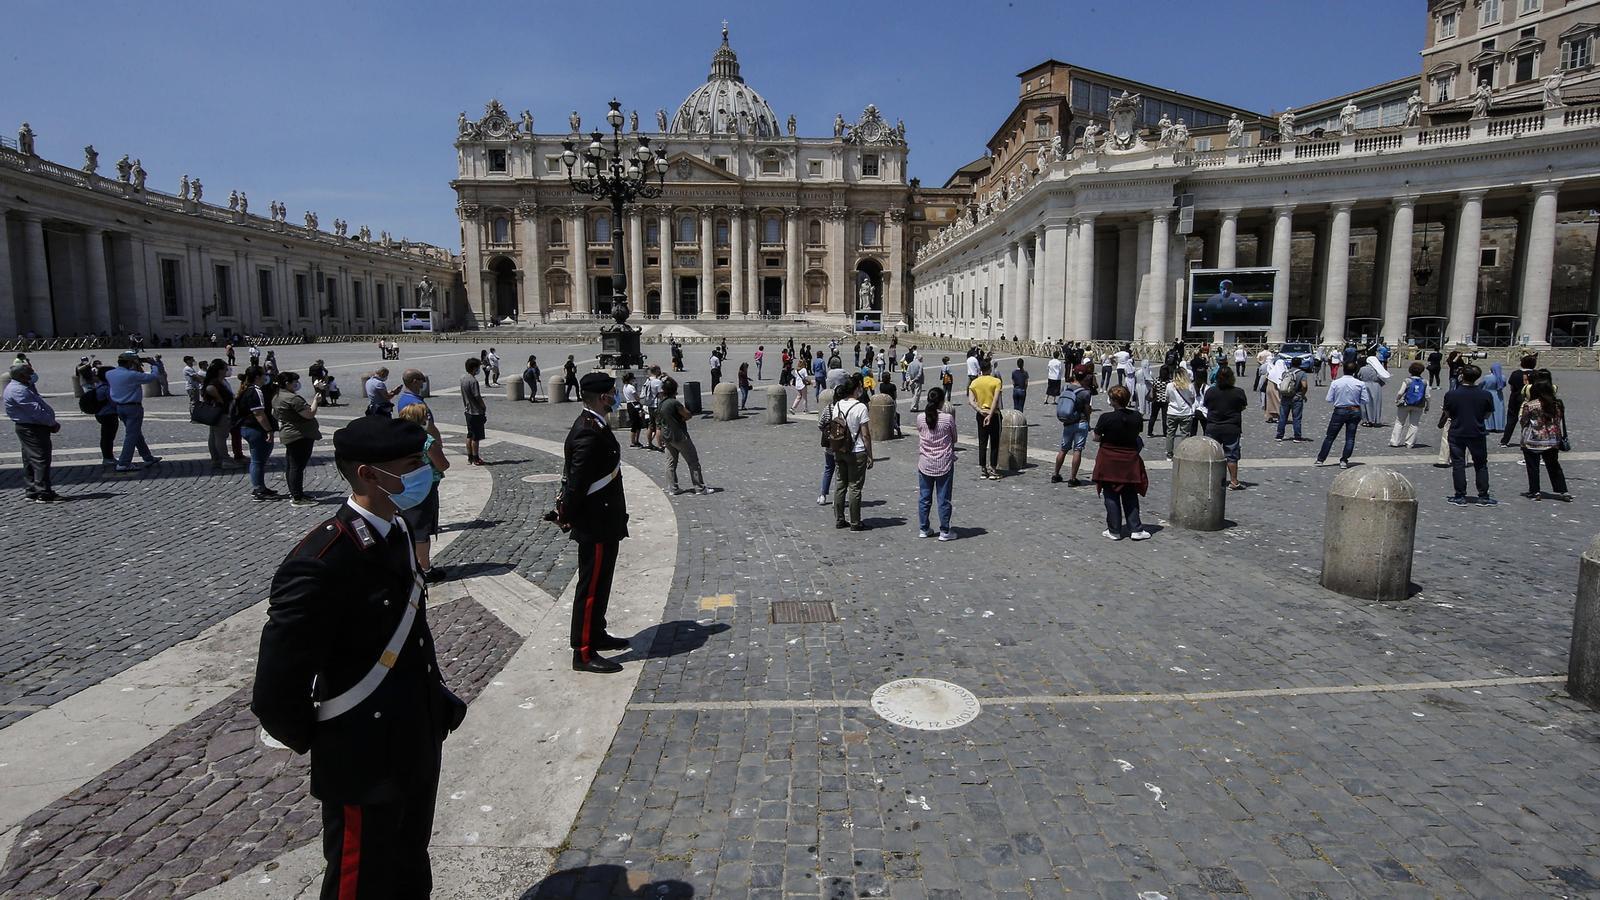 La plaça de Sant Pere de la Ciutat del Vaticà durant la pandèmia del coronavirus